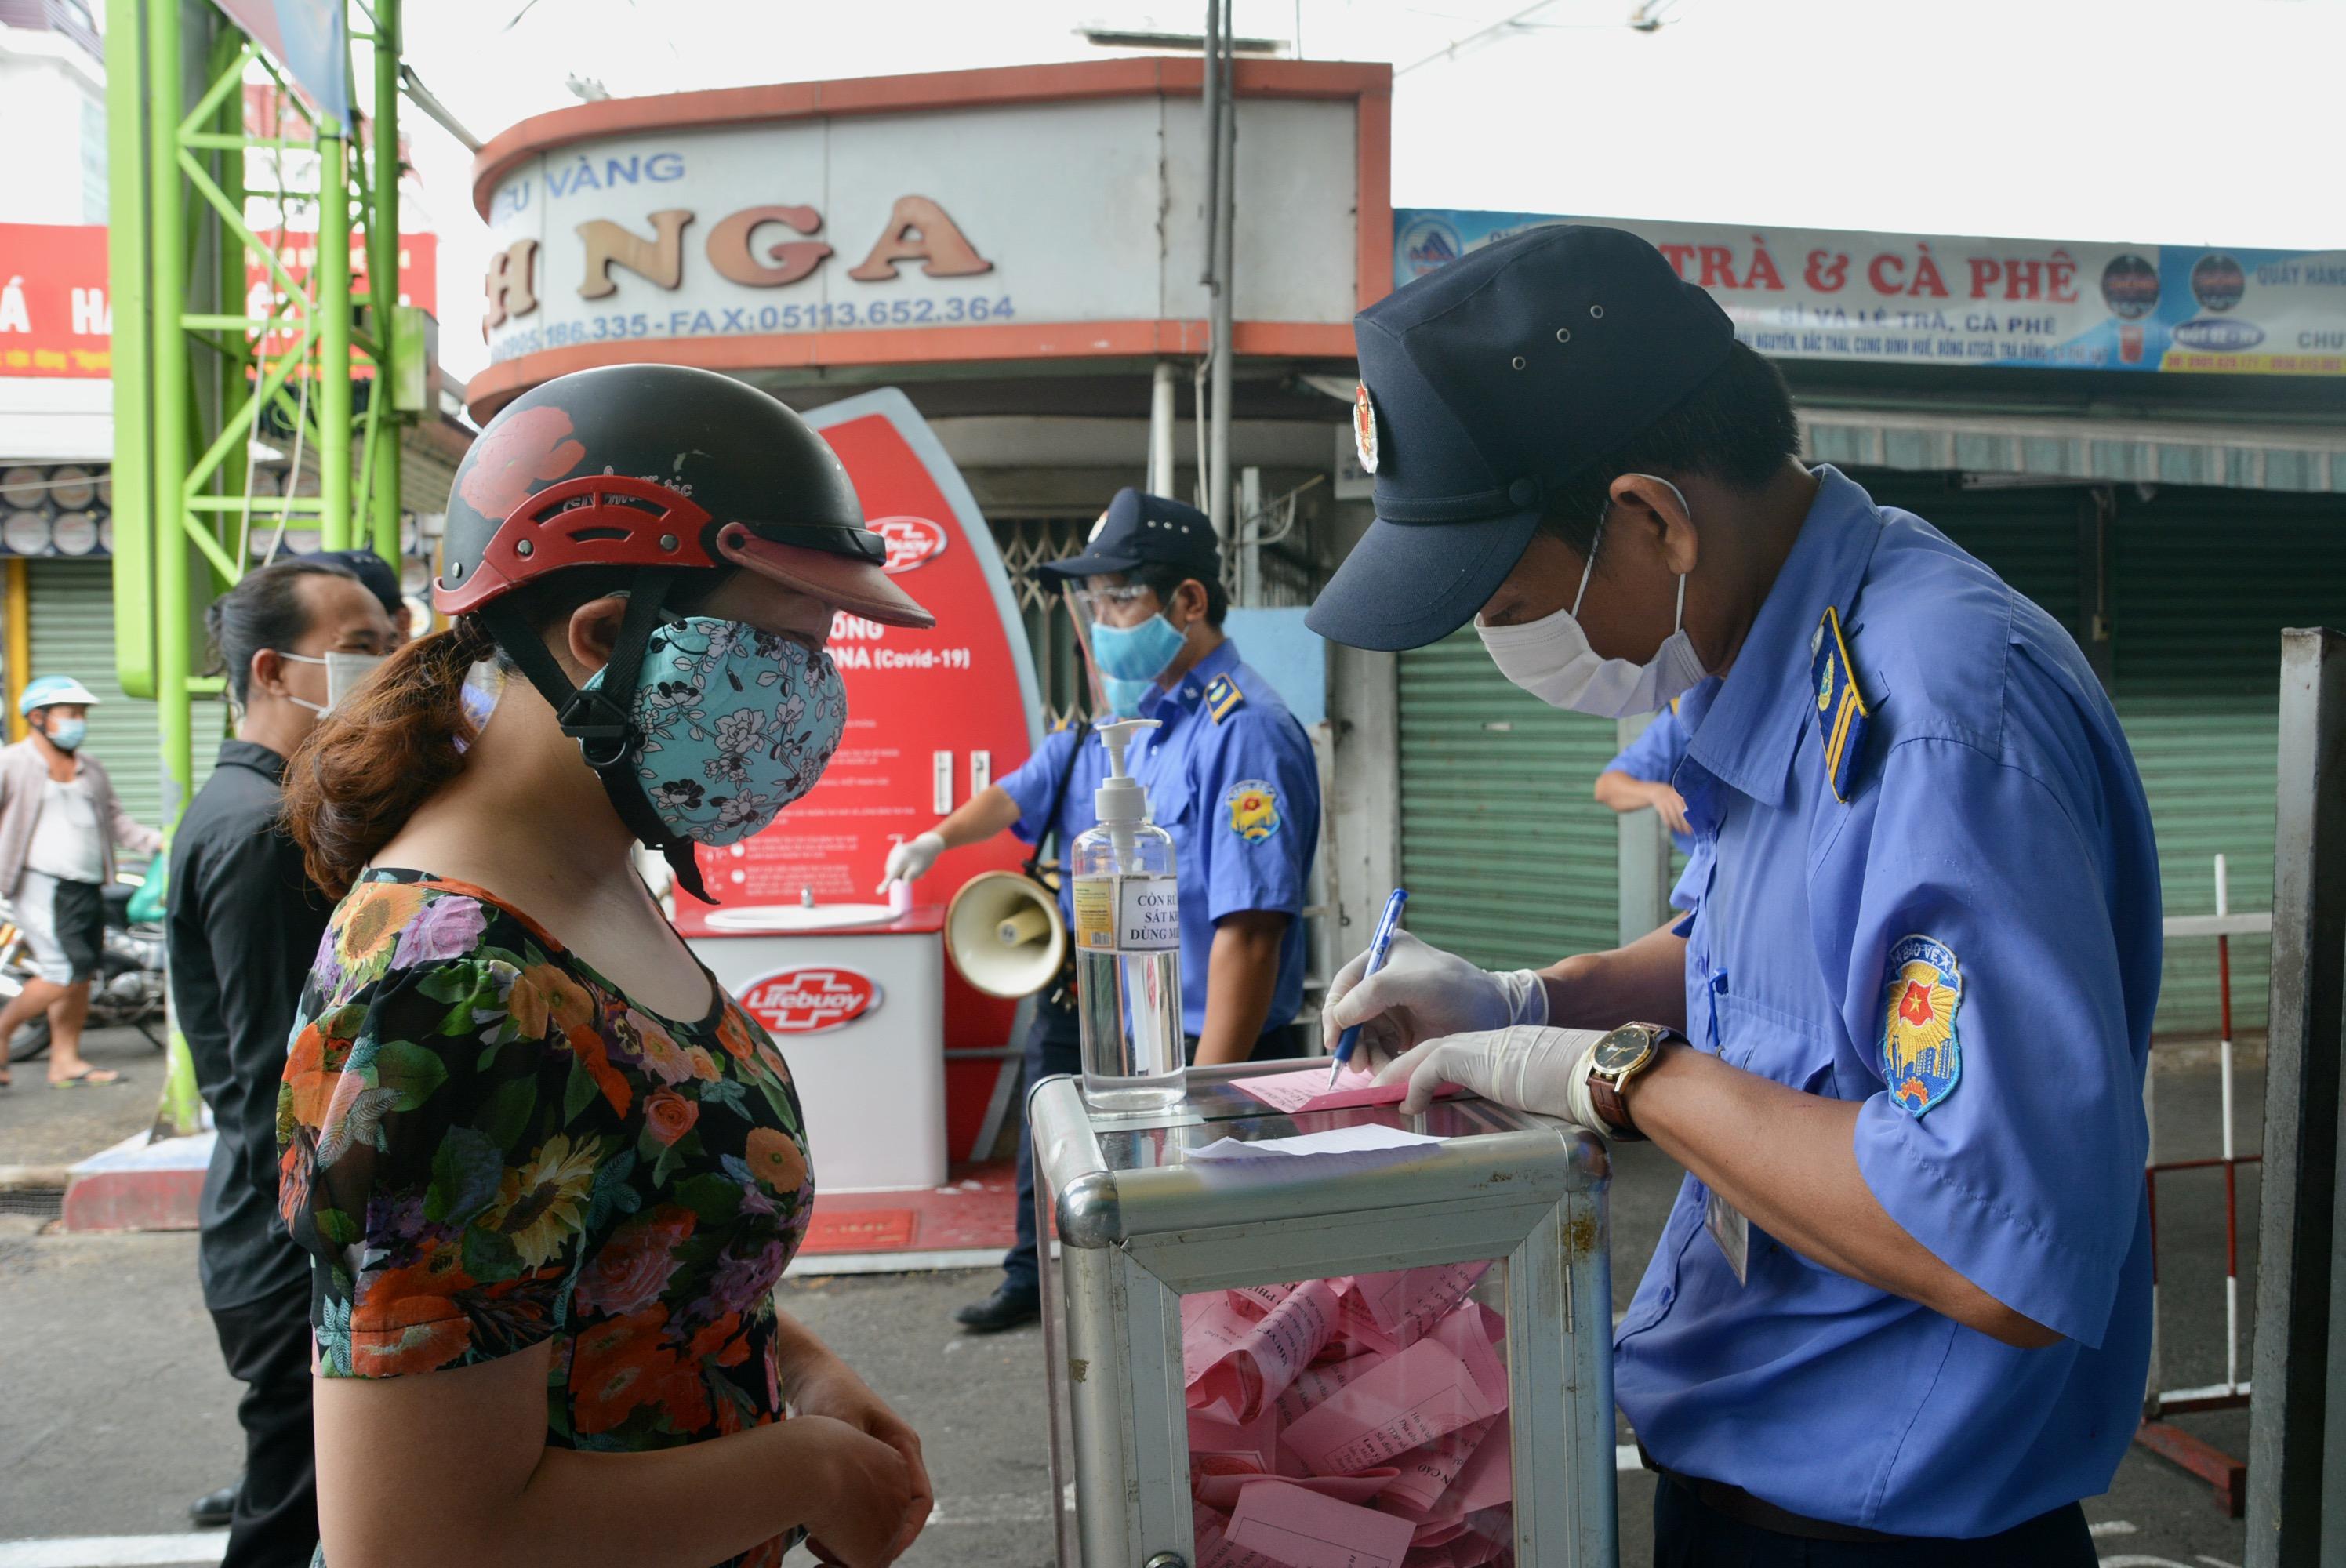 Cận cảnh lần đầu người dân Đà Nẵng dùng thẻ đi chợ - Ảnh 8.